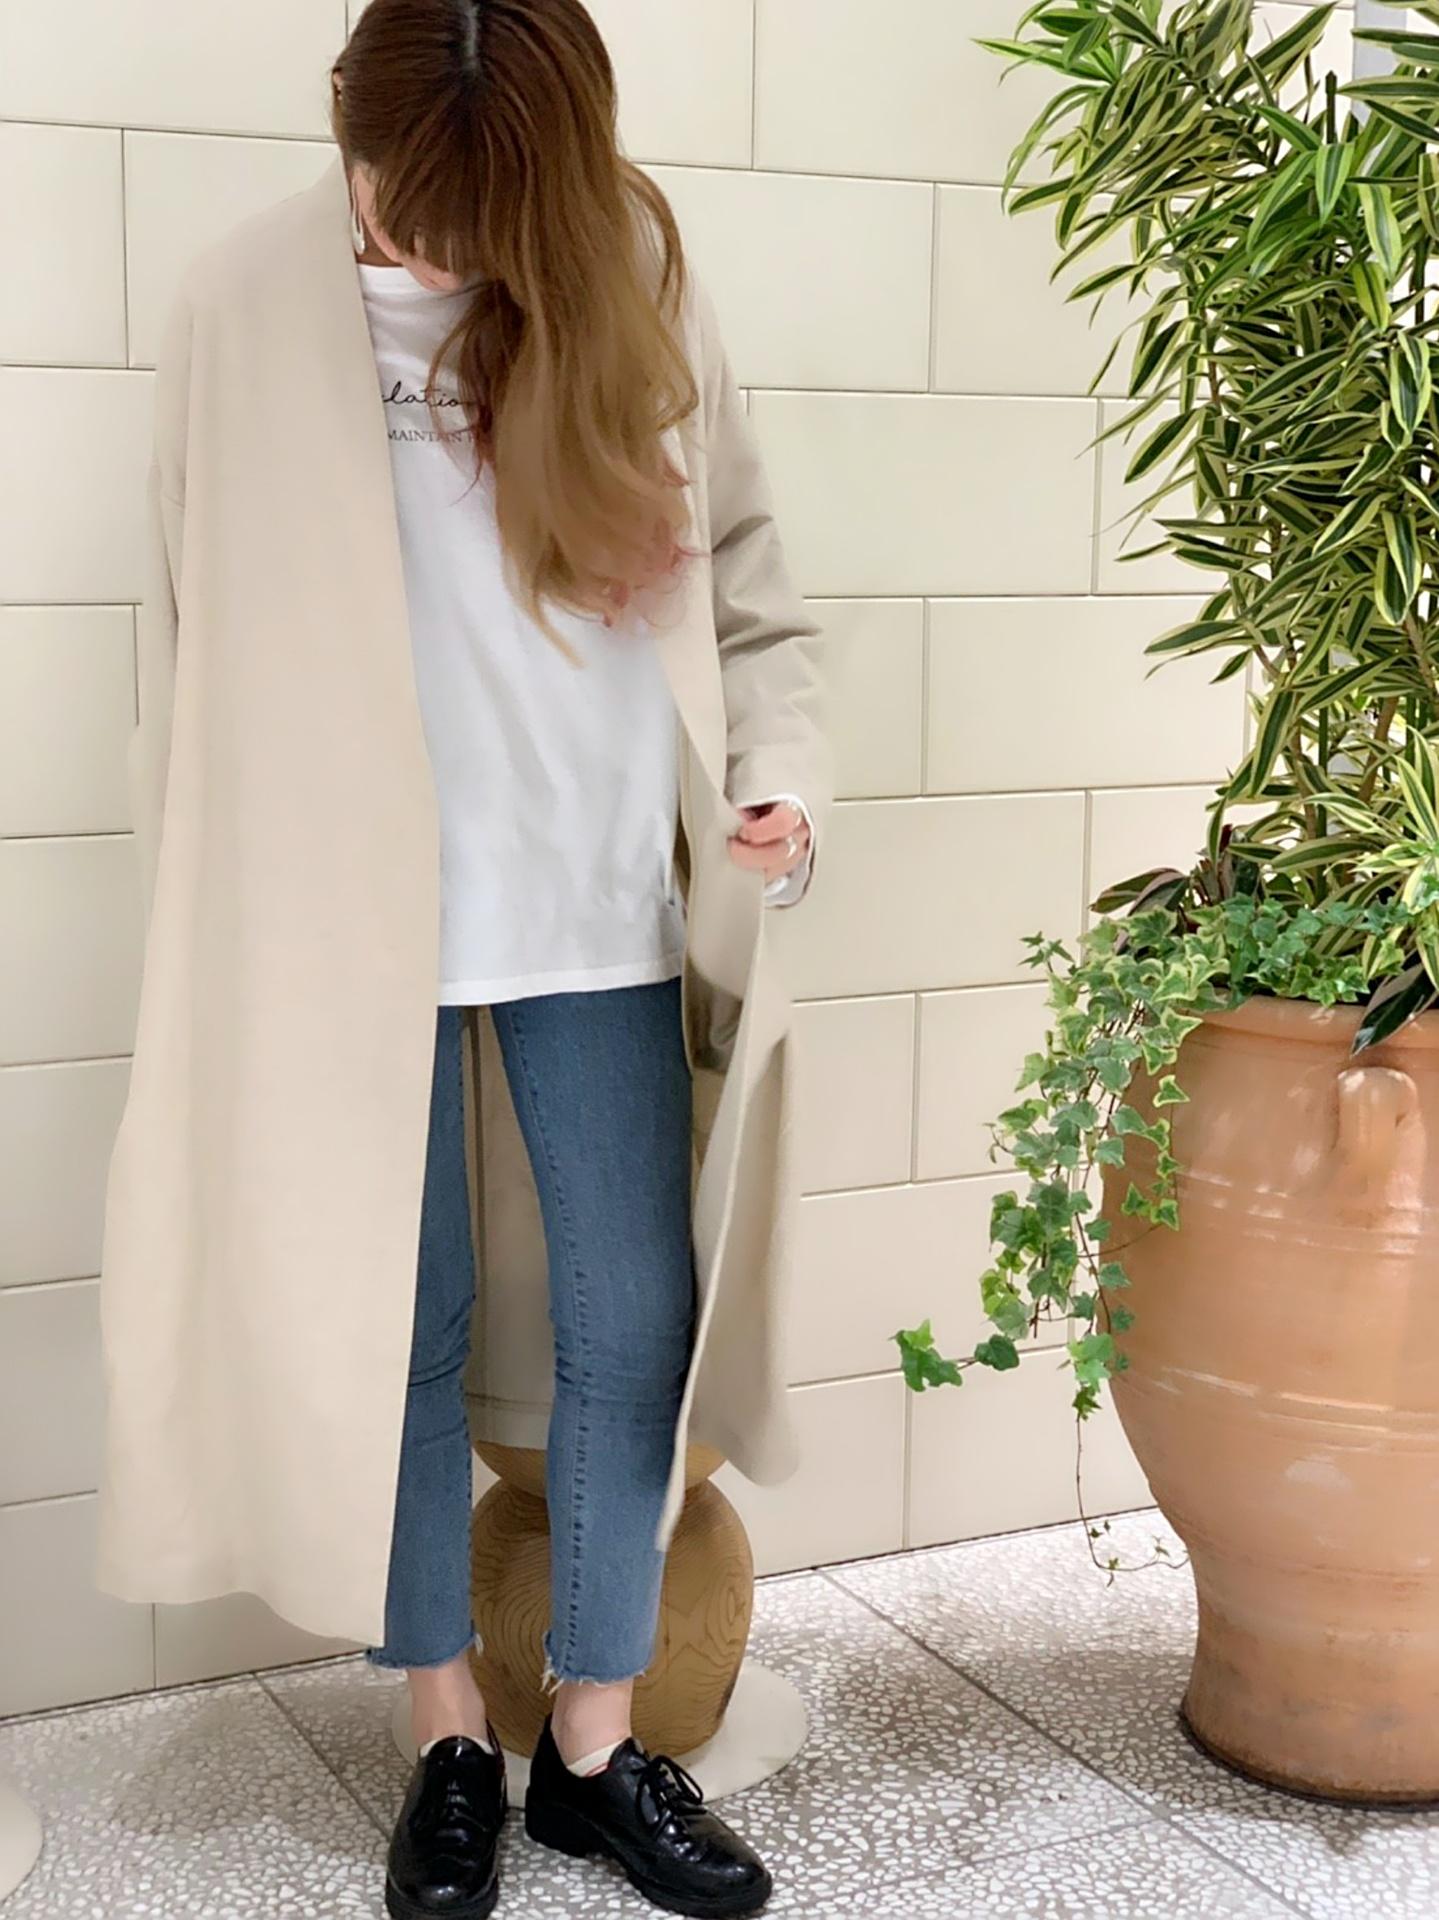 スクラップブック渋谷 スクラップブック渋谷ブログ スクラップブック コート ジャケット 麻 リネン 麻綿 ガウン ノーカラー ベージュ トレンド トレンドカラー 大人可愛い 大人シンプル 大人カジュアル ハルズアミ